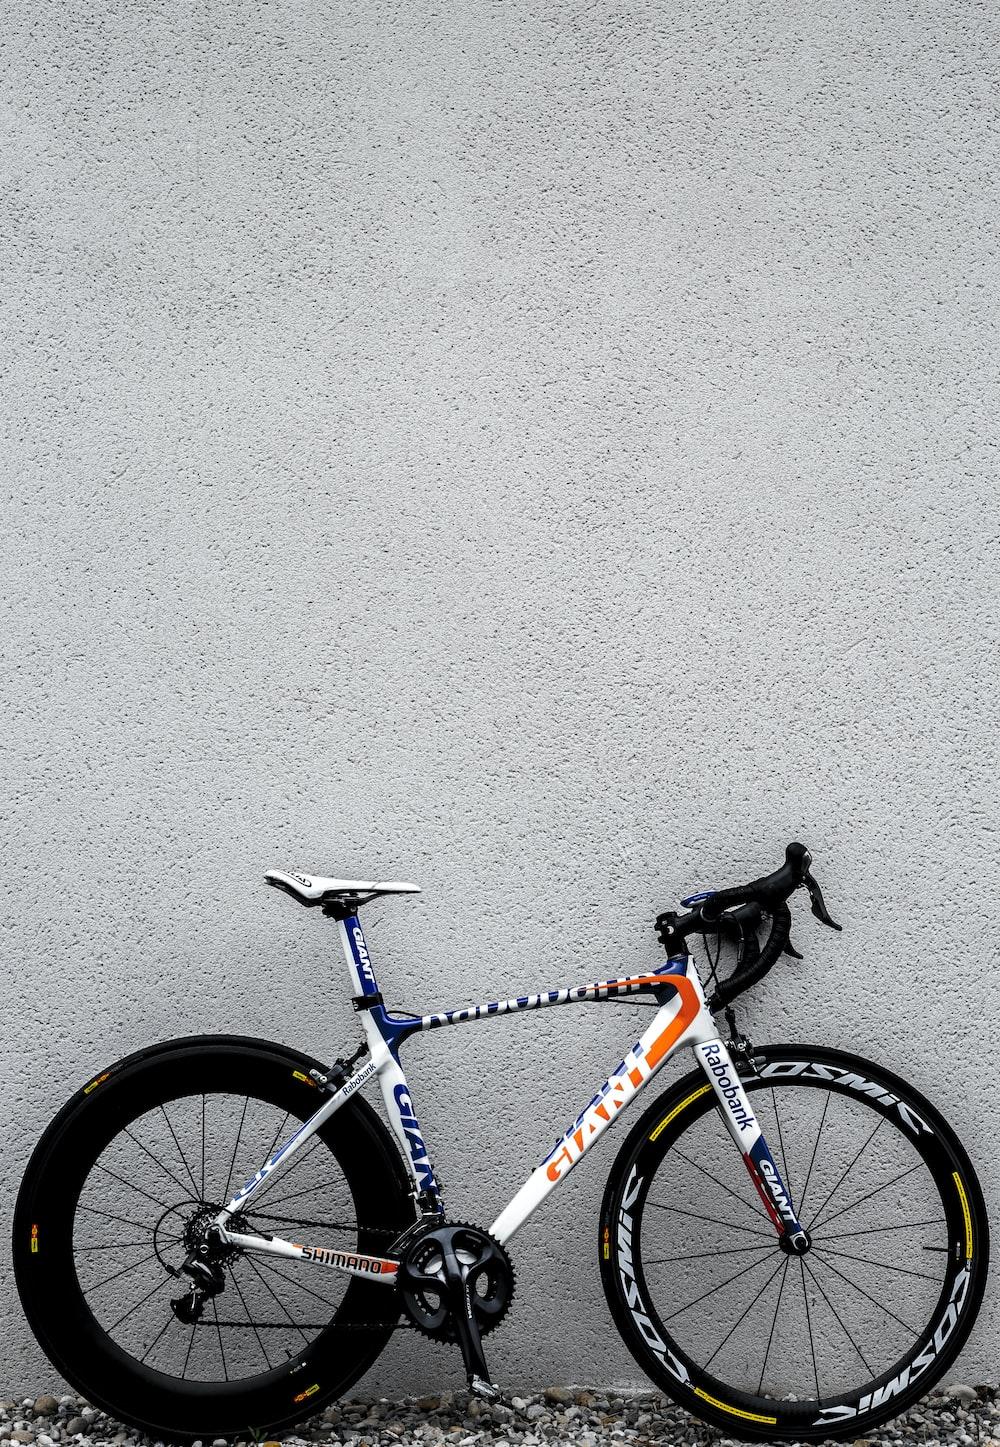 white and black Giant road bike